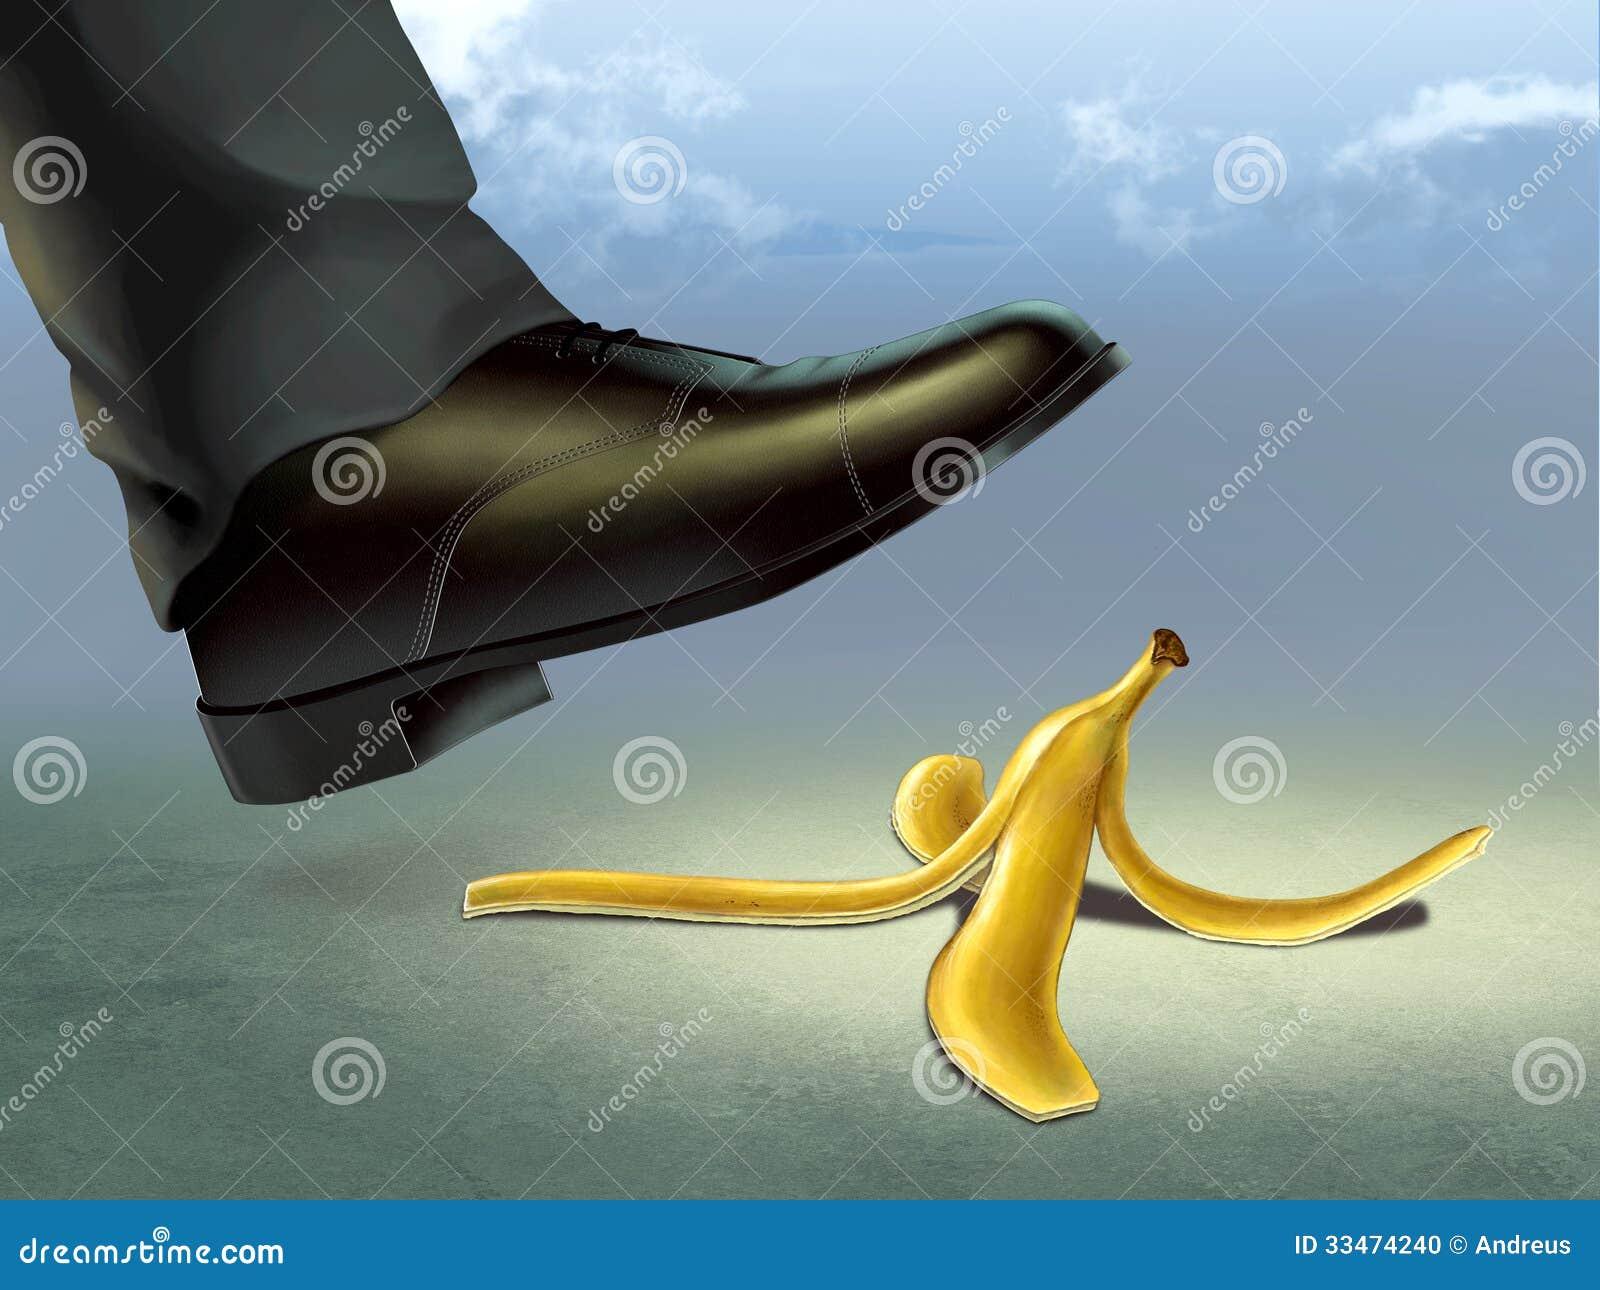 Член в кожуру от банана 13 фотография